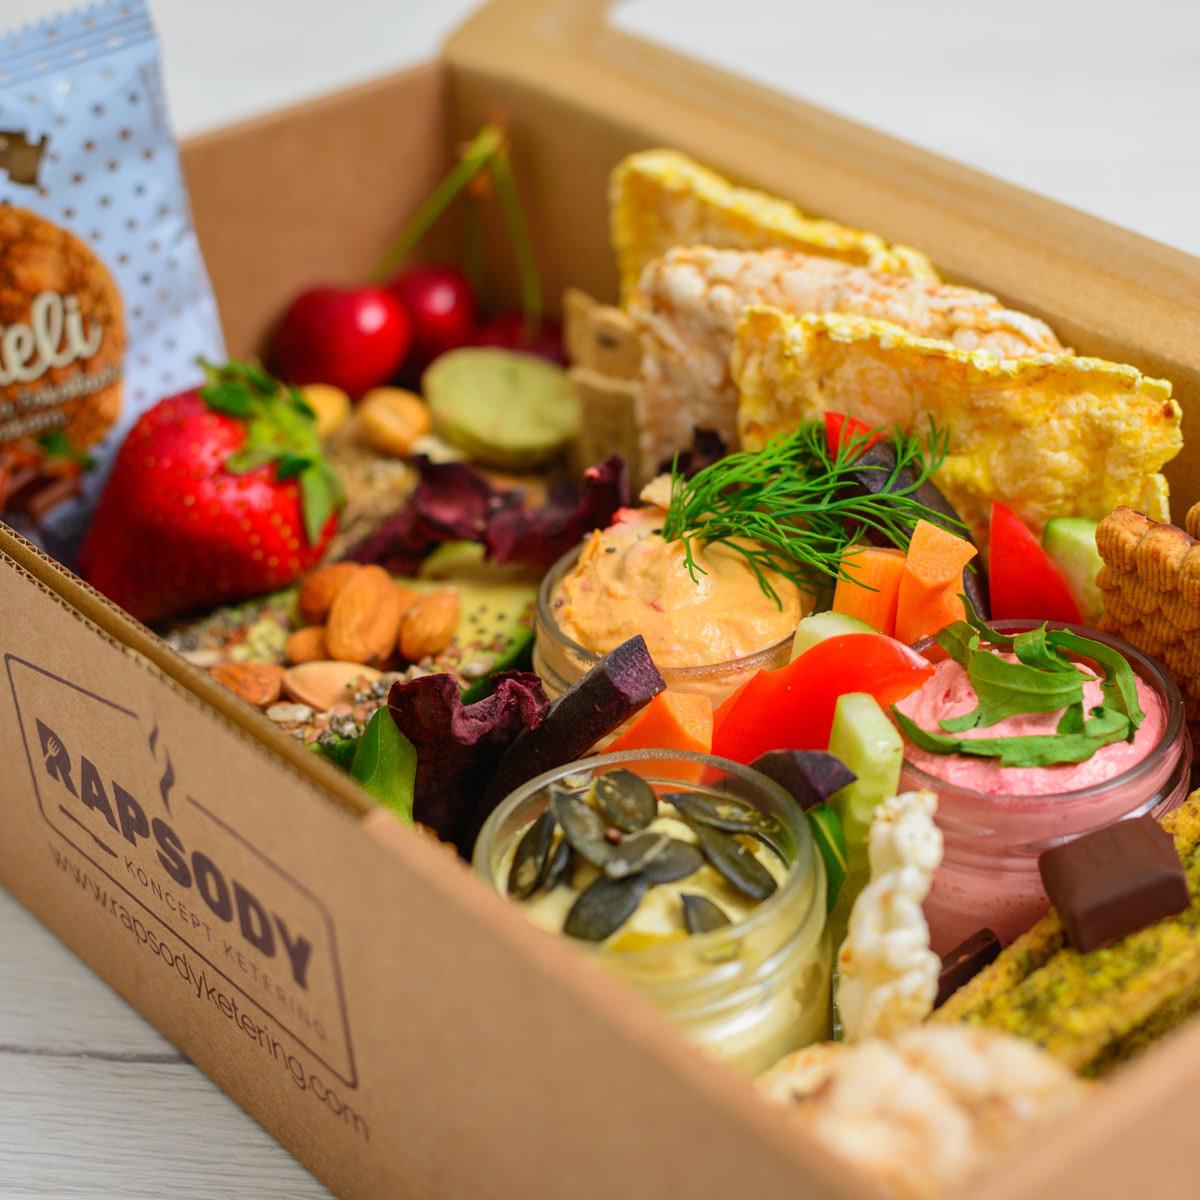 Healthy Snack Box